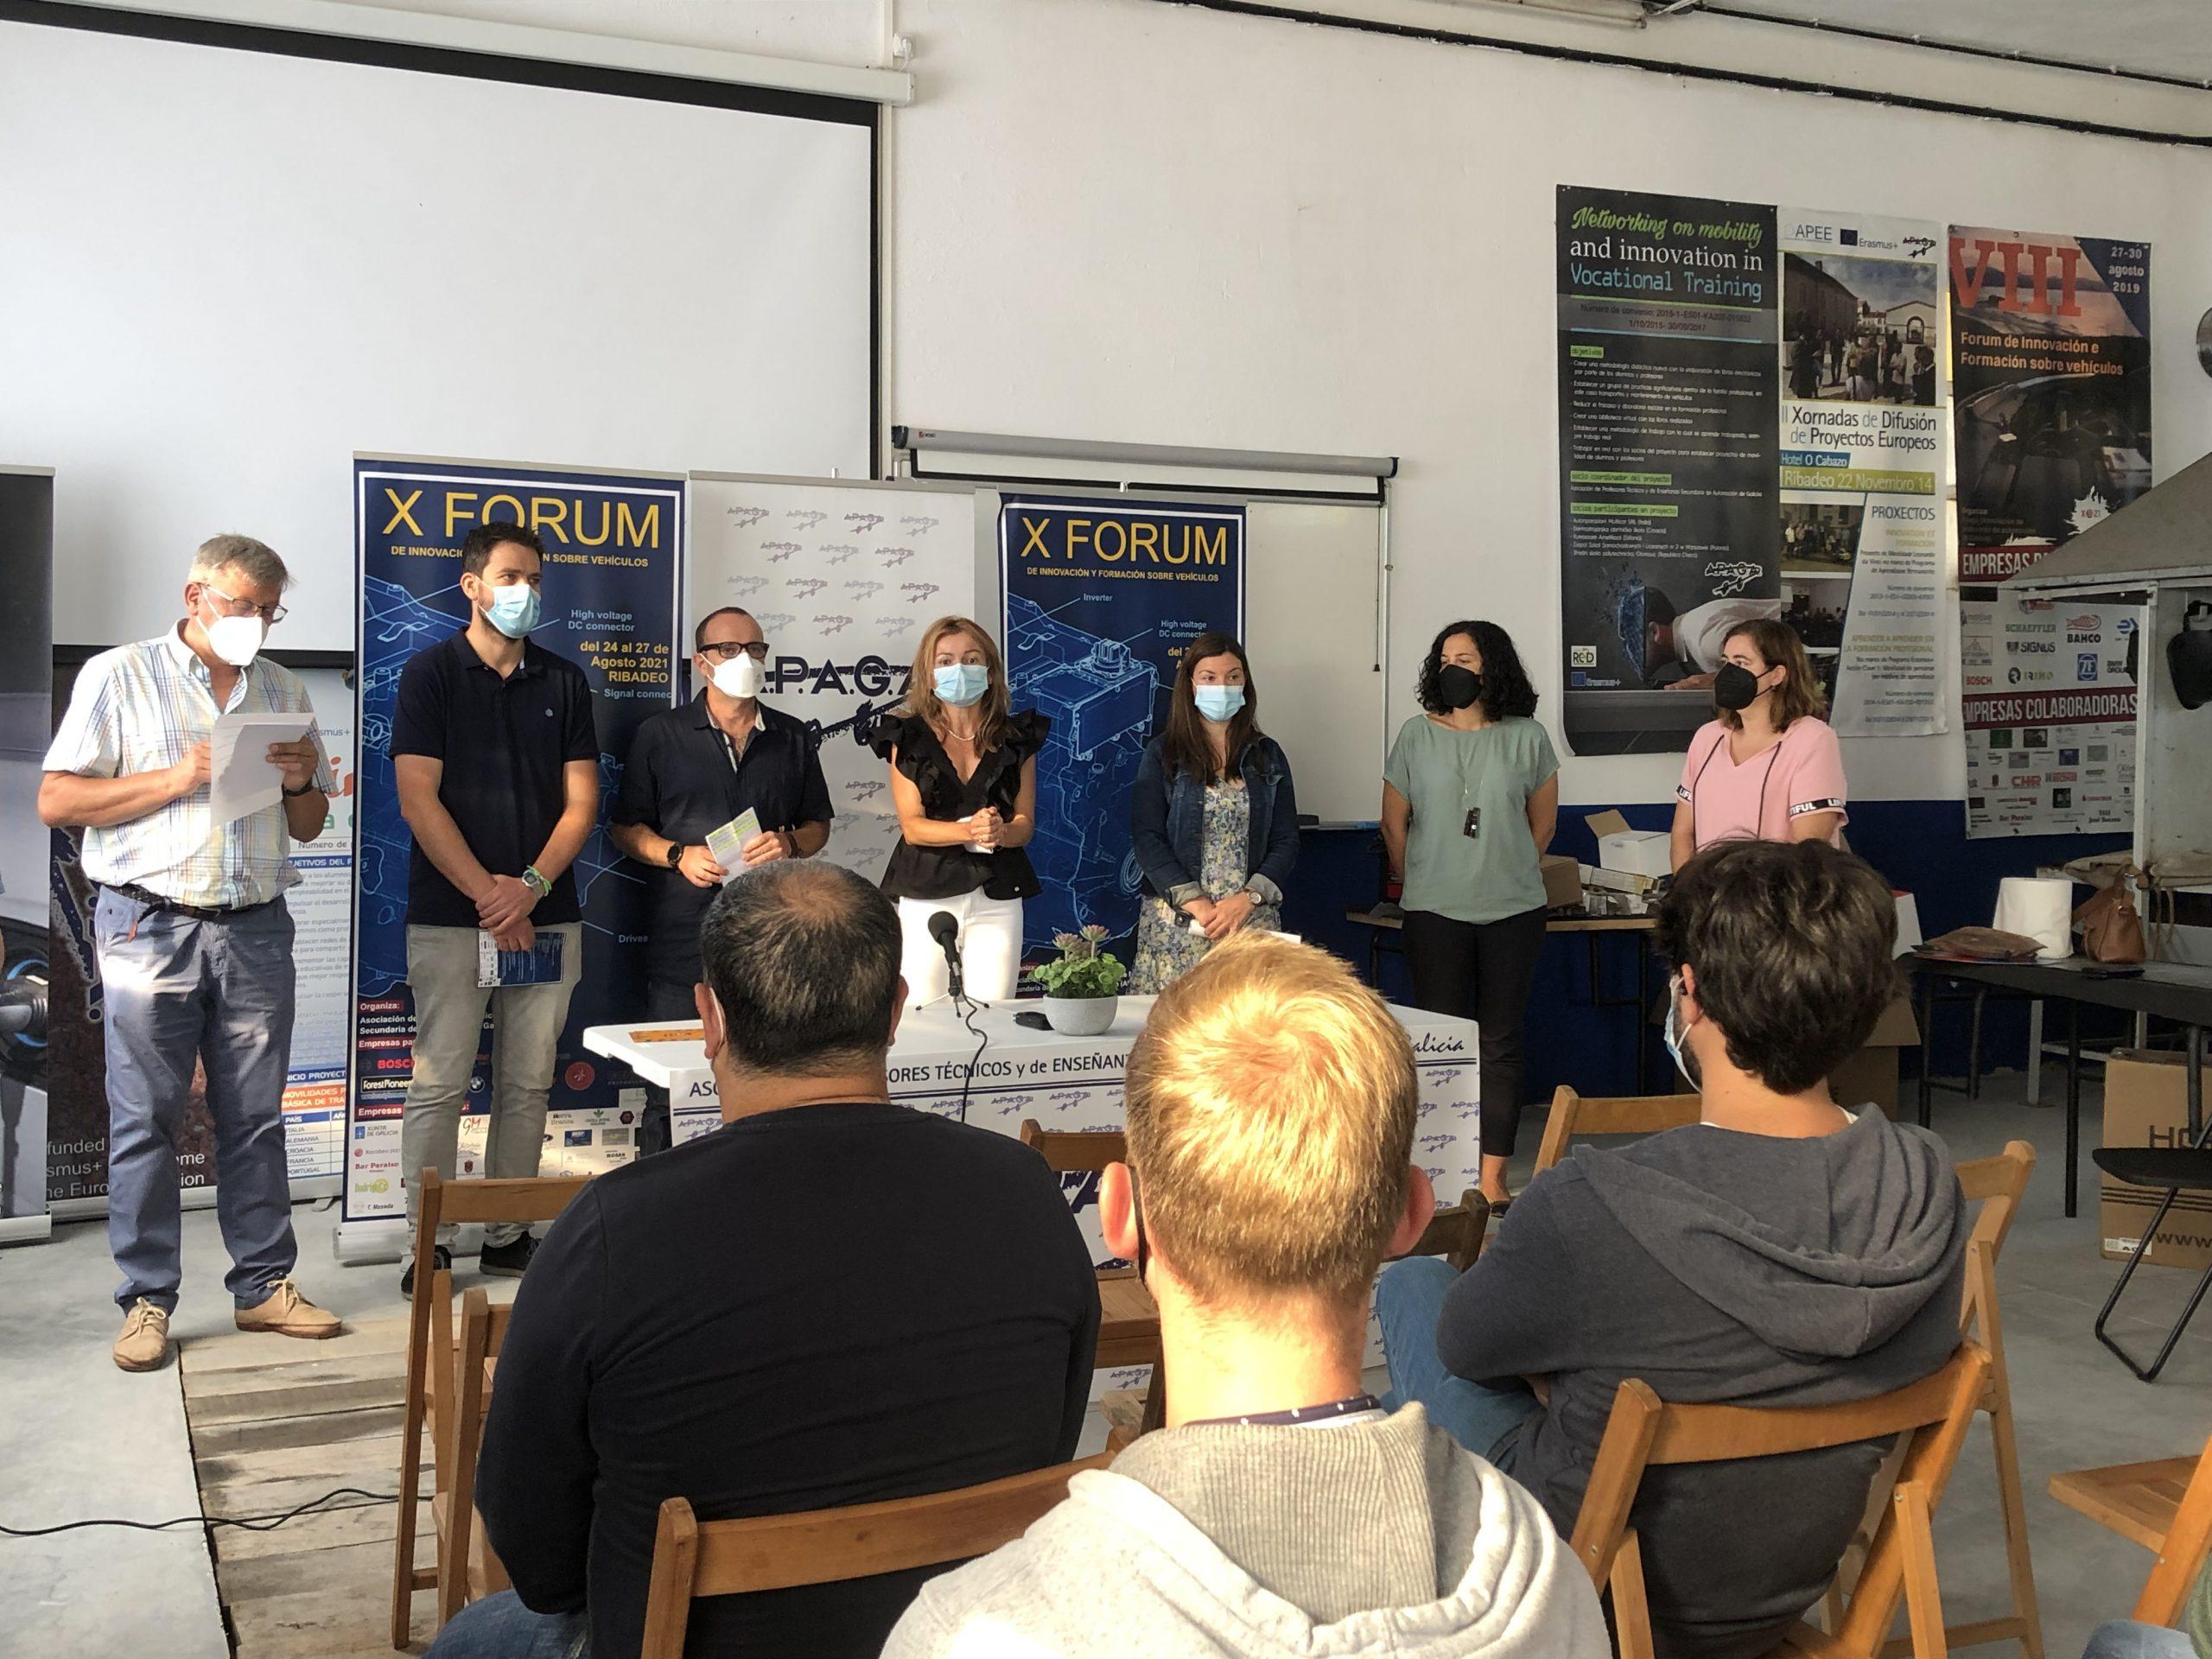 A Deputación colabora co X Forum de Innovación e Formación sobre Vehículos que se celebra esta semana en Ribadeo